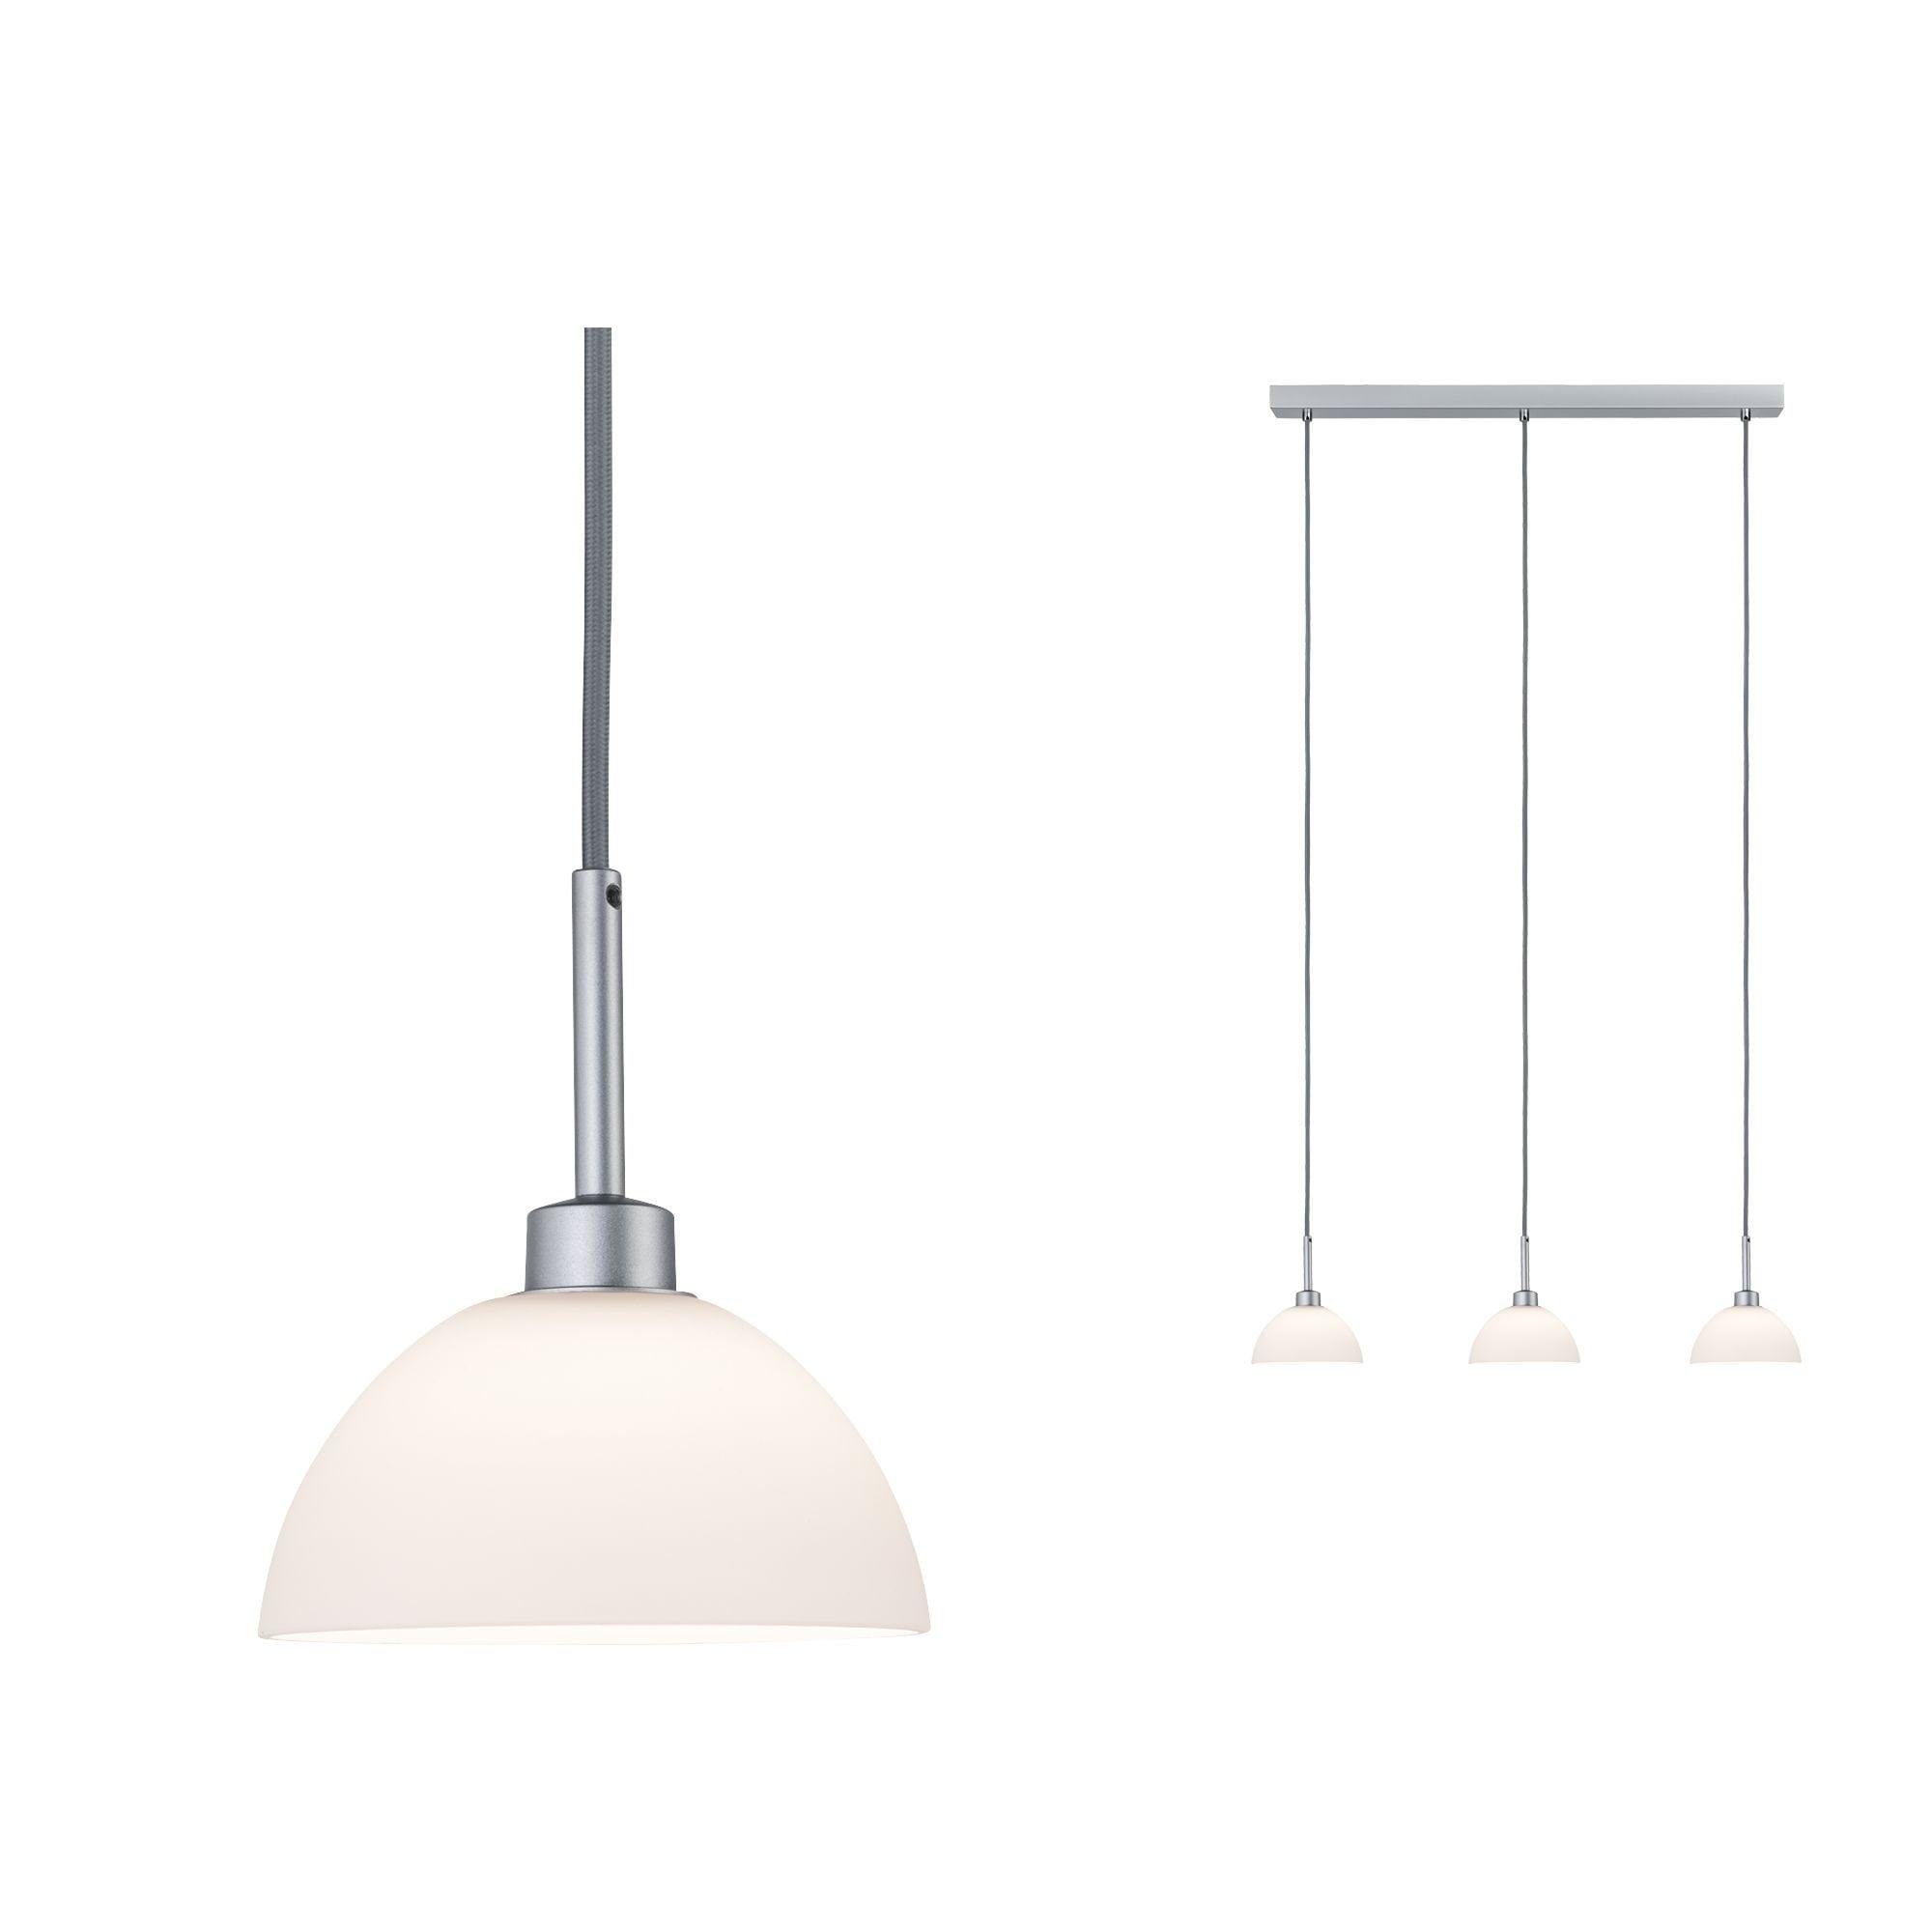 Paulmann,LED Pendelleuchte Parana Weiß/Chrom matt max. 40W GU10